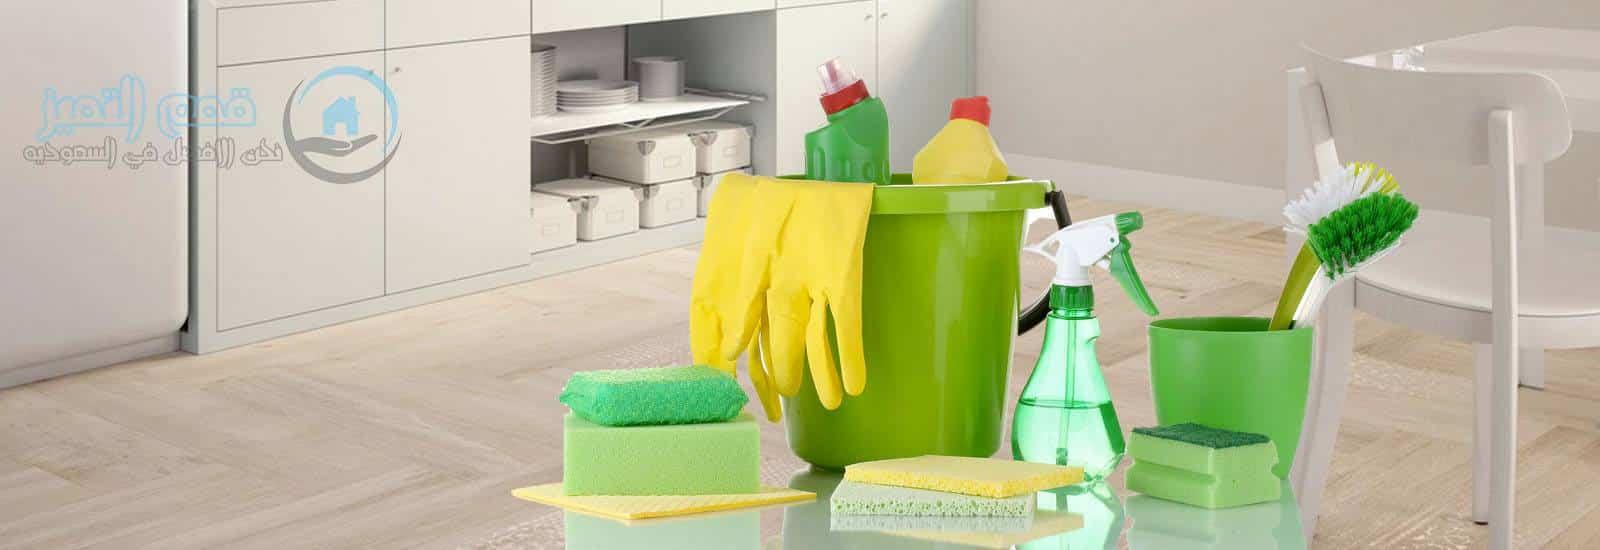 شركة تنظيف منازل بسيهات شركه تنظيف منازل بسيهات 17668741 720767831417795 1985063623 o